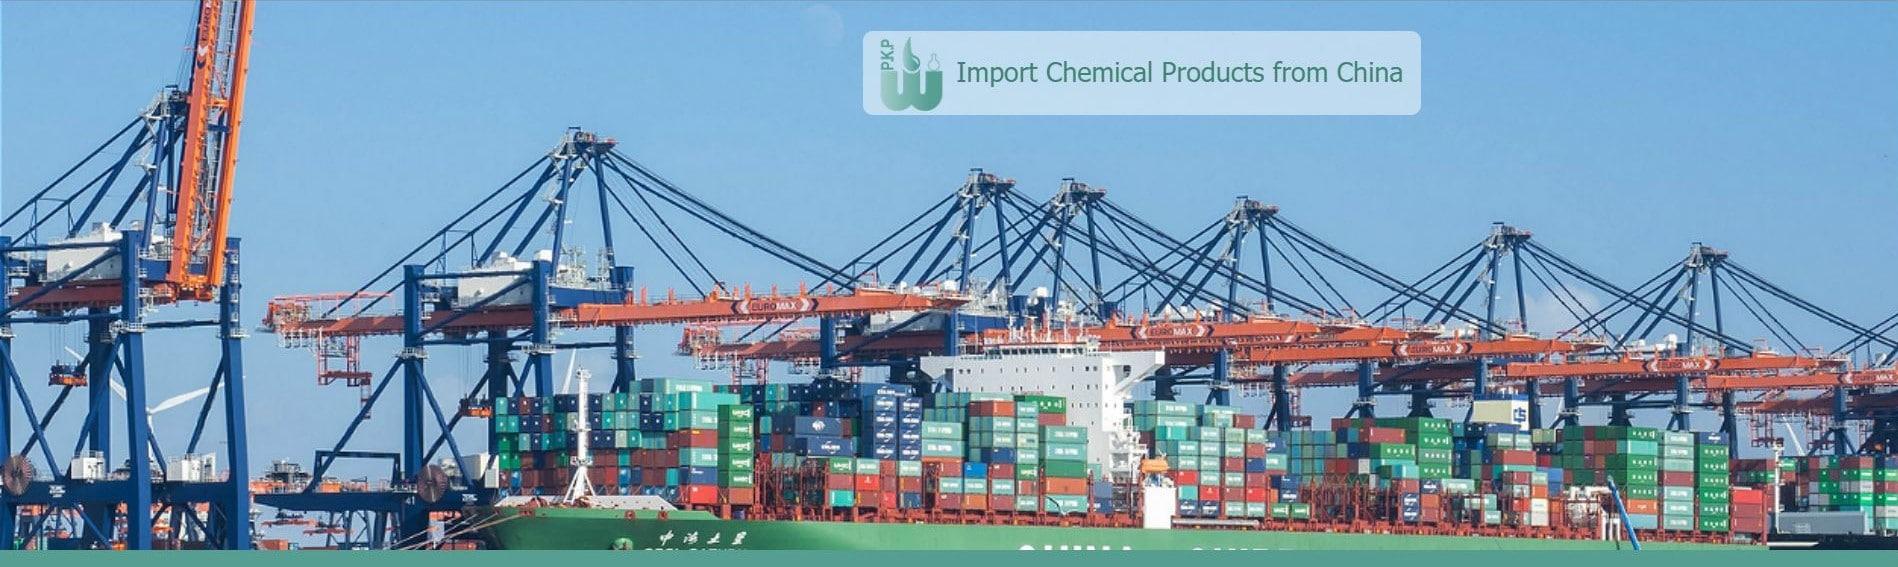 import chemicals